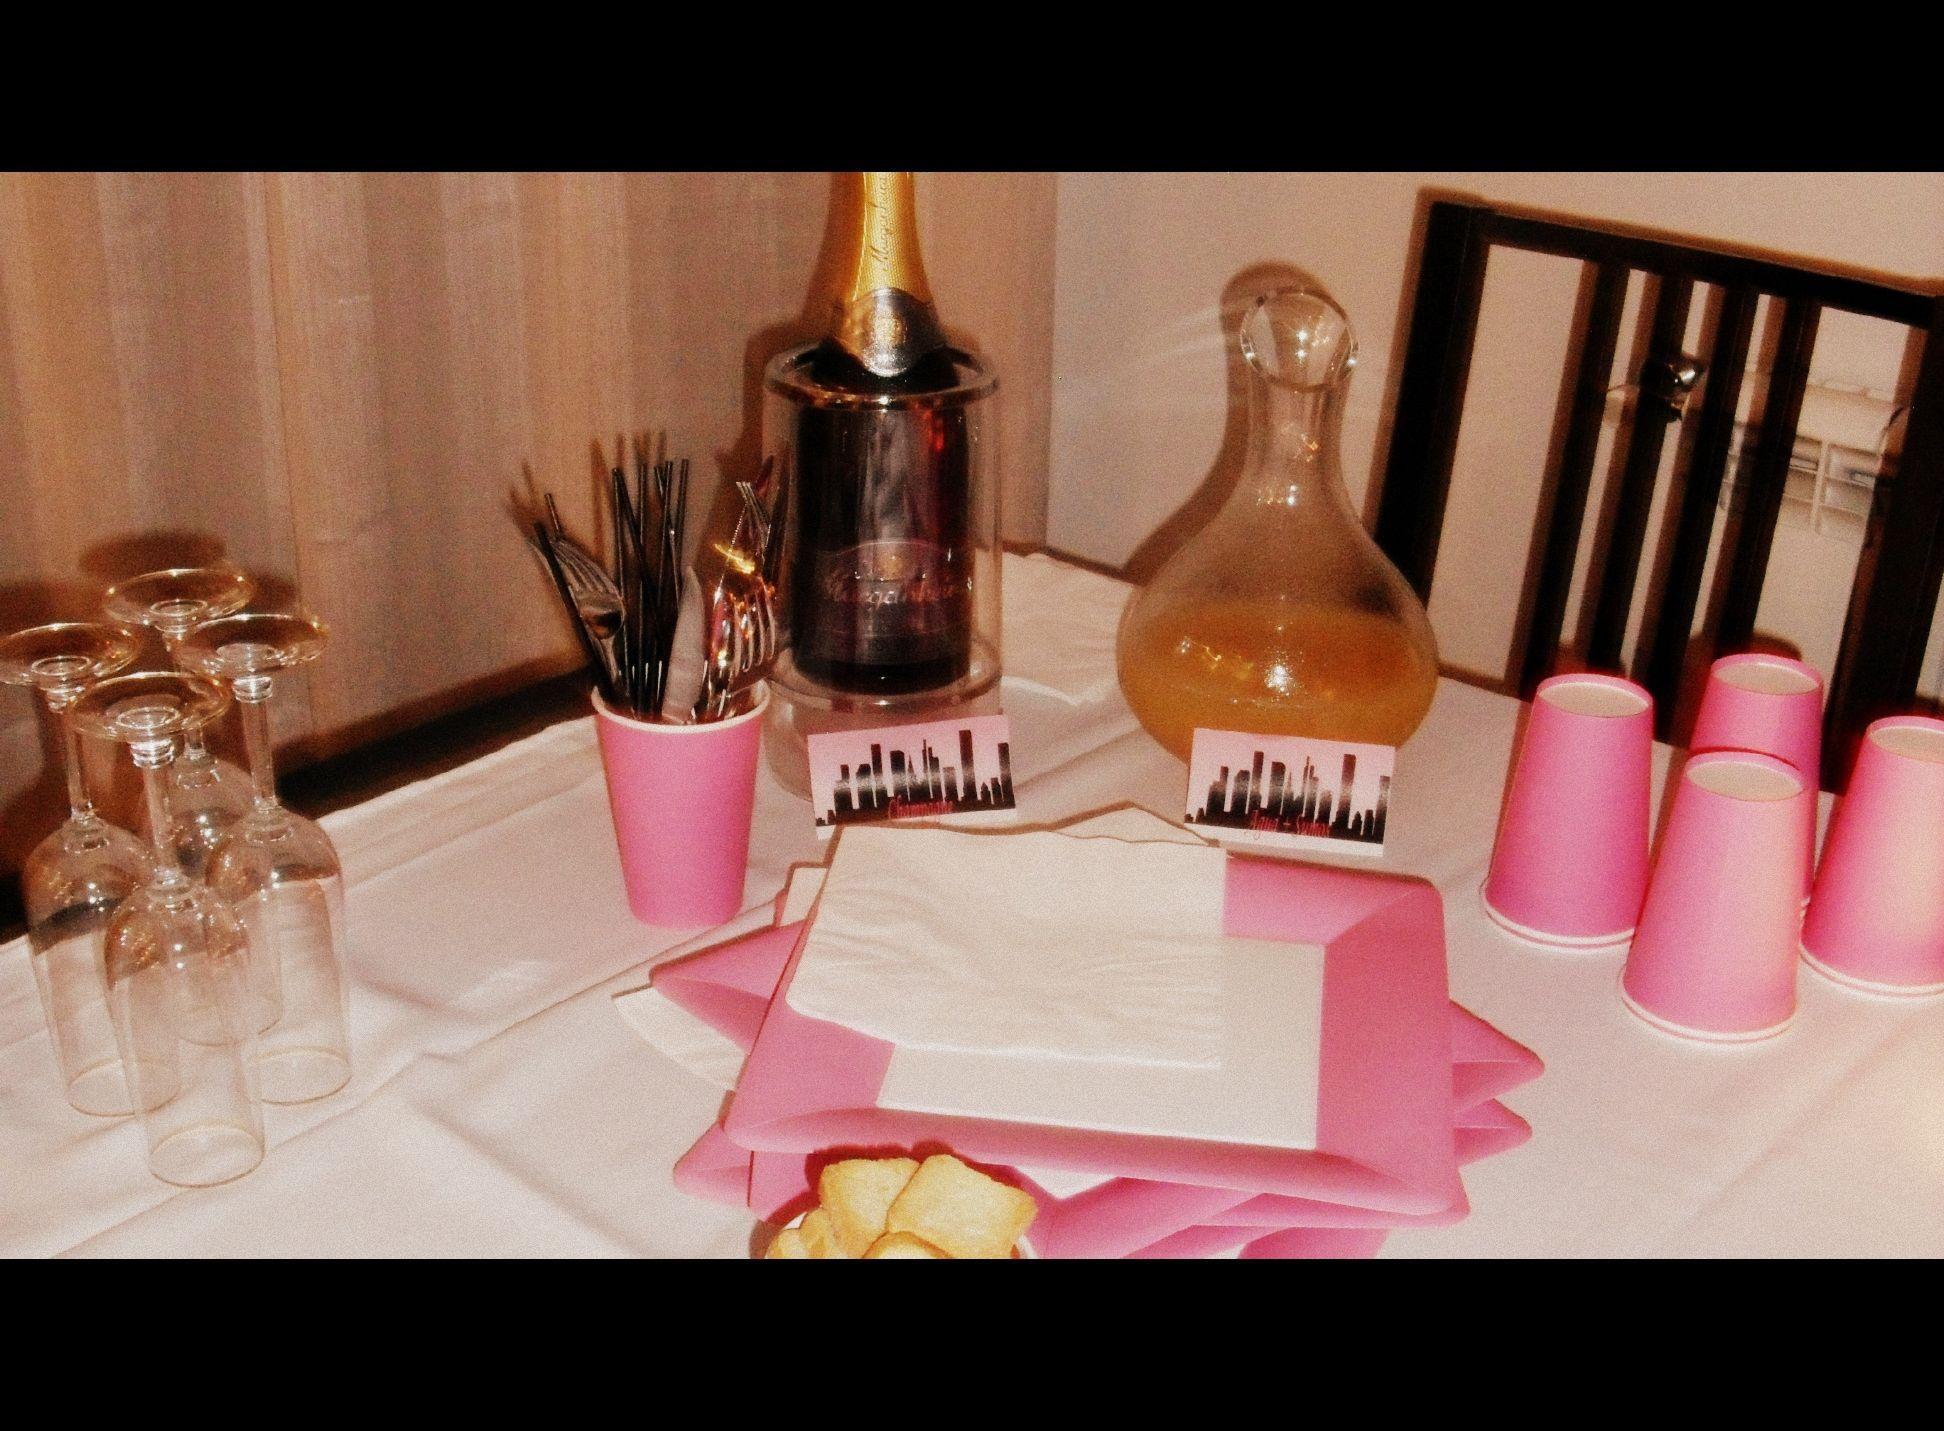 Girls Dinner Party Ideas Part - 28: Jantar Grupo Sex And The City Girls Dinner Party ( Detalhe Decoração -  Bebidas)